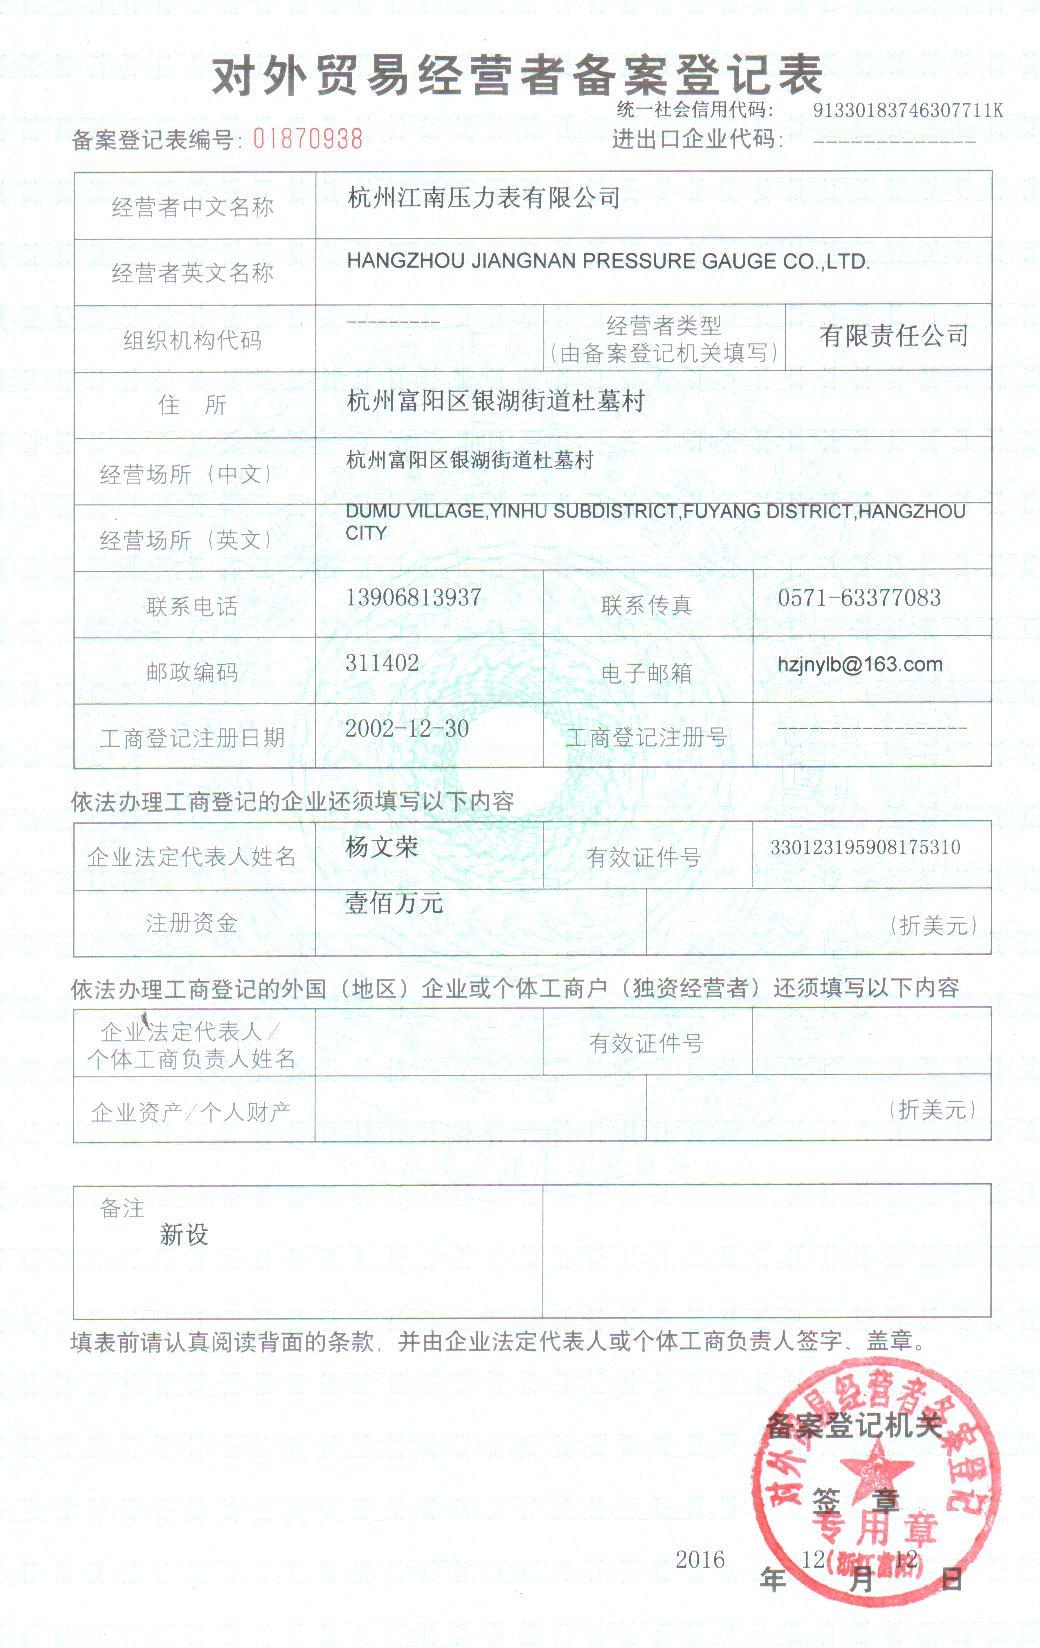 Foreign Trade Dealers Registration Form